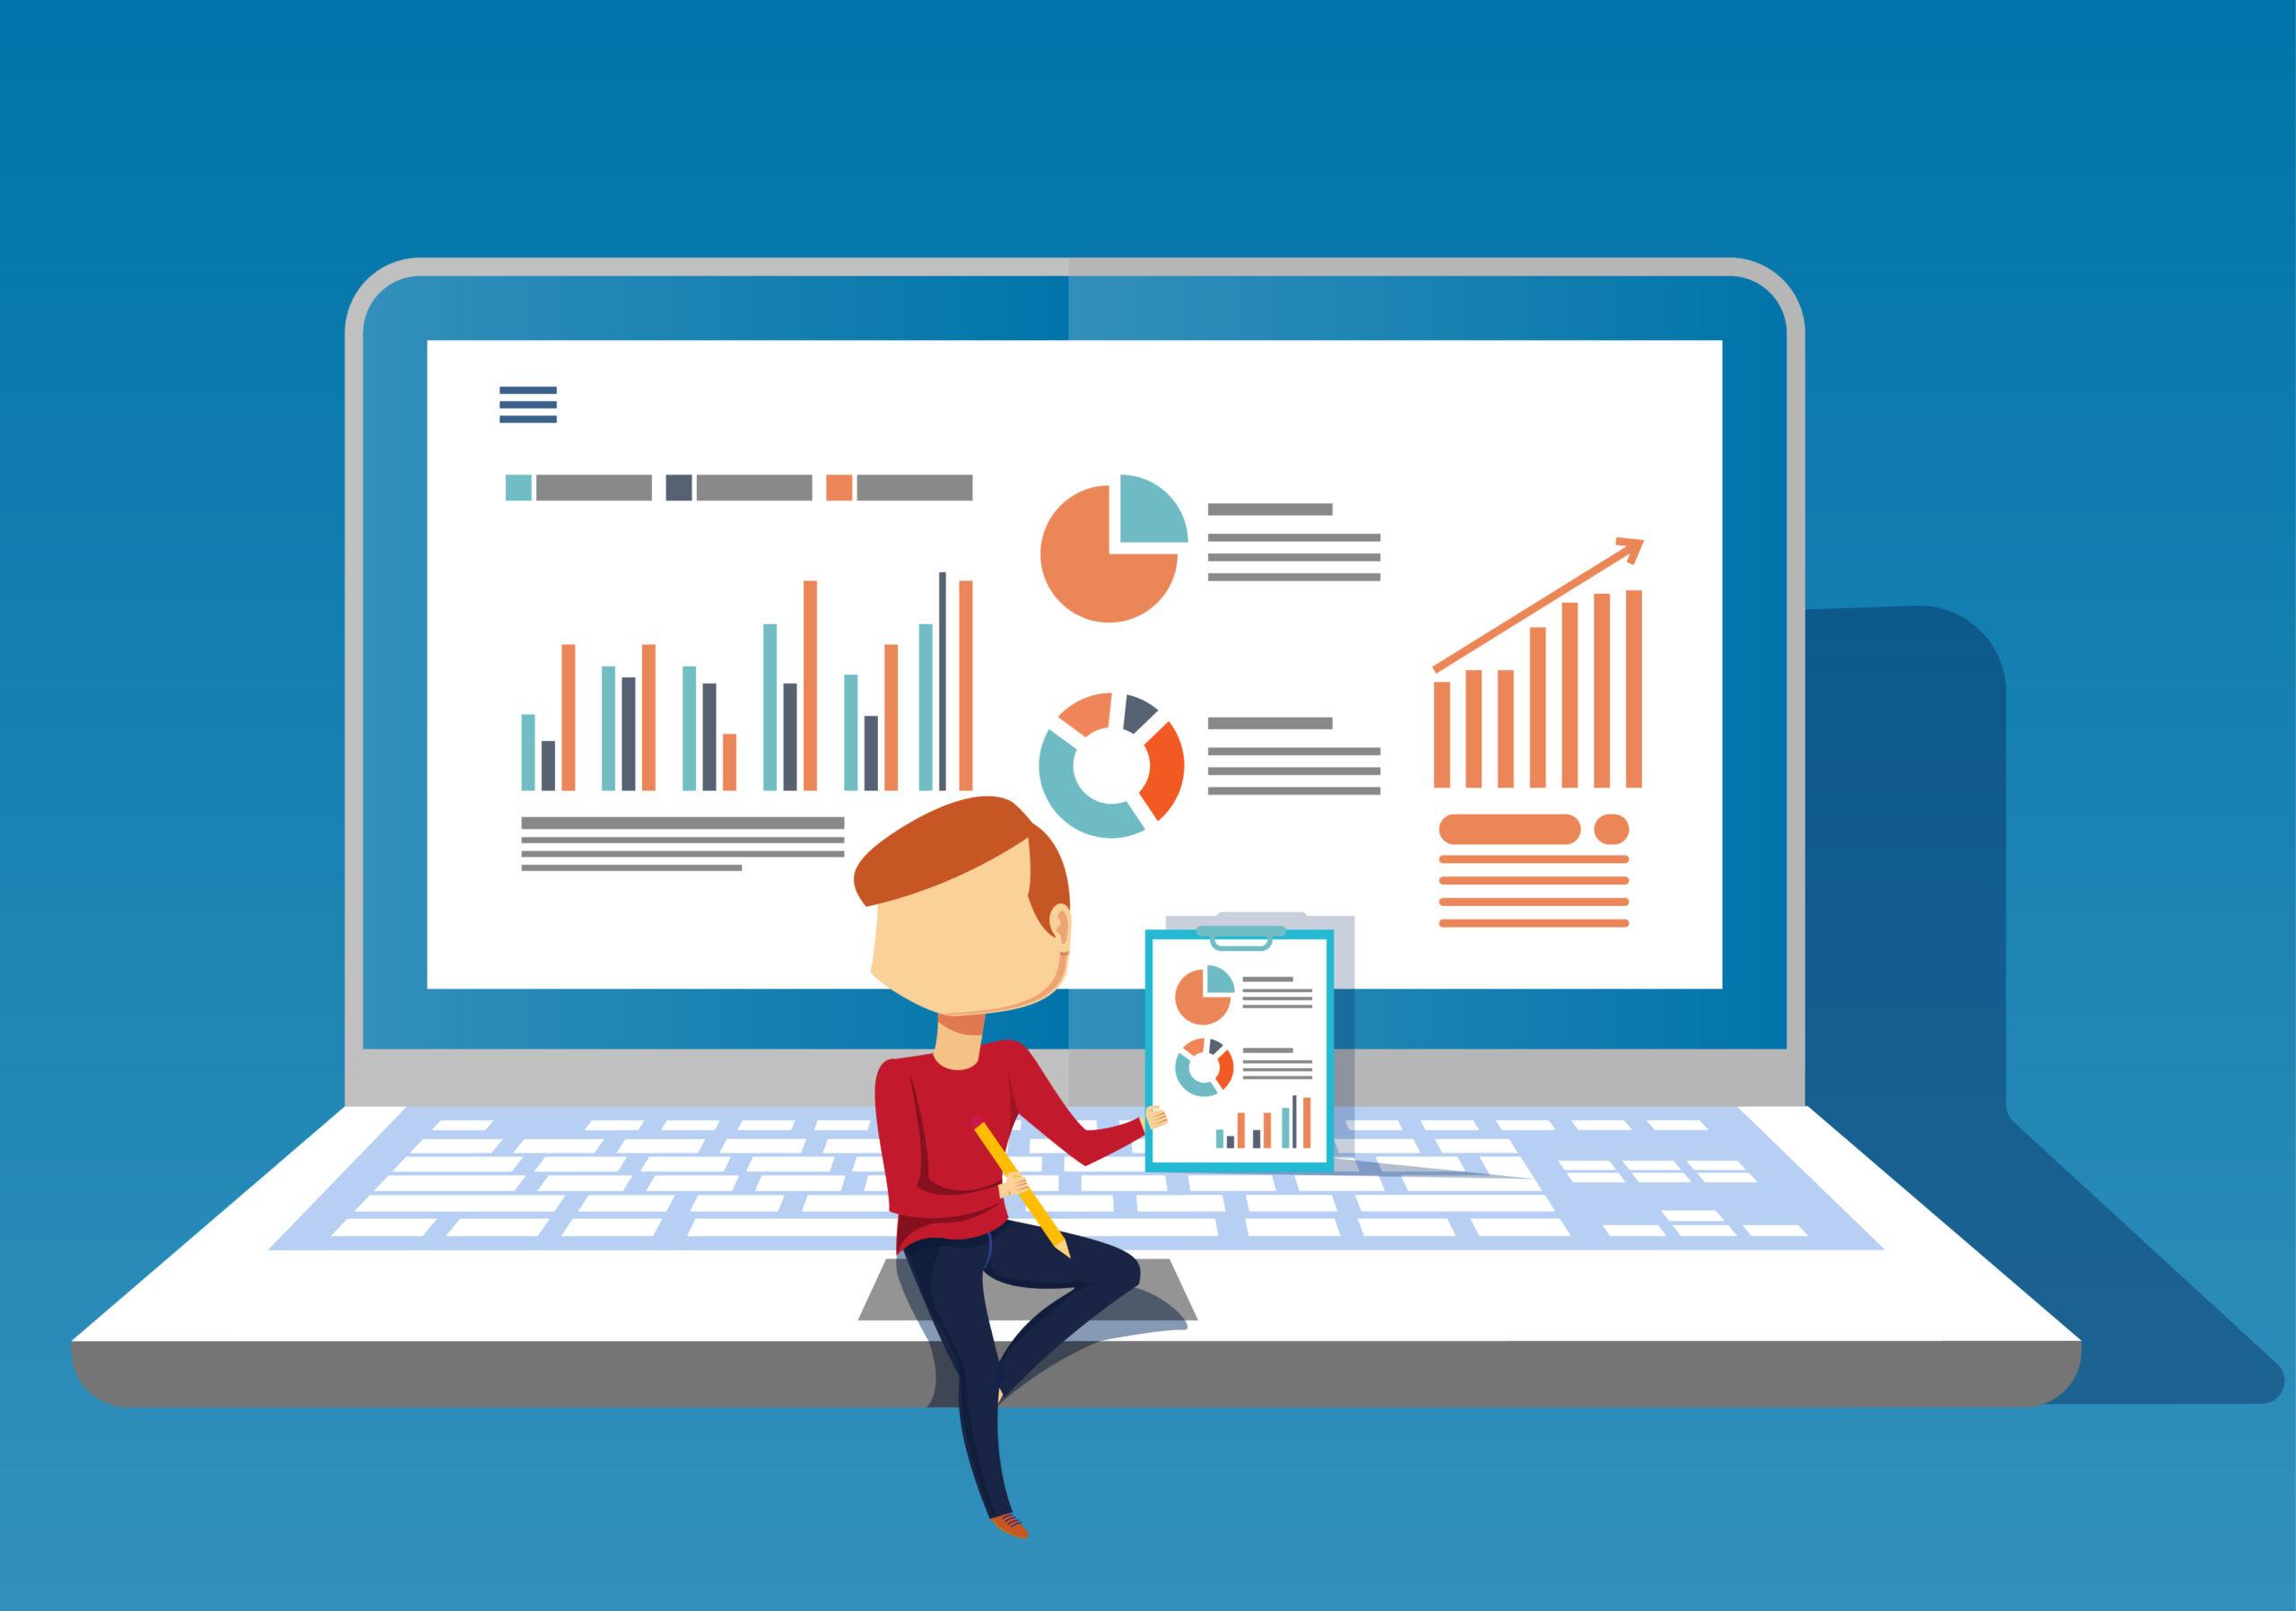 Por Que Voce Deve Considerar a Carreira de Analista de Dados